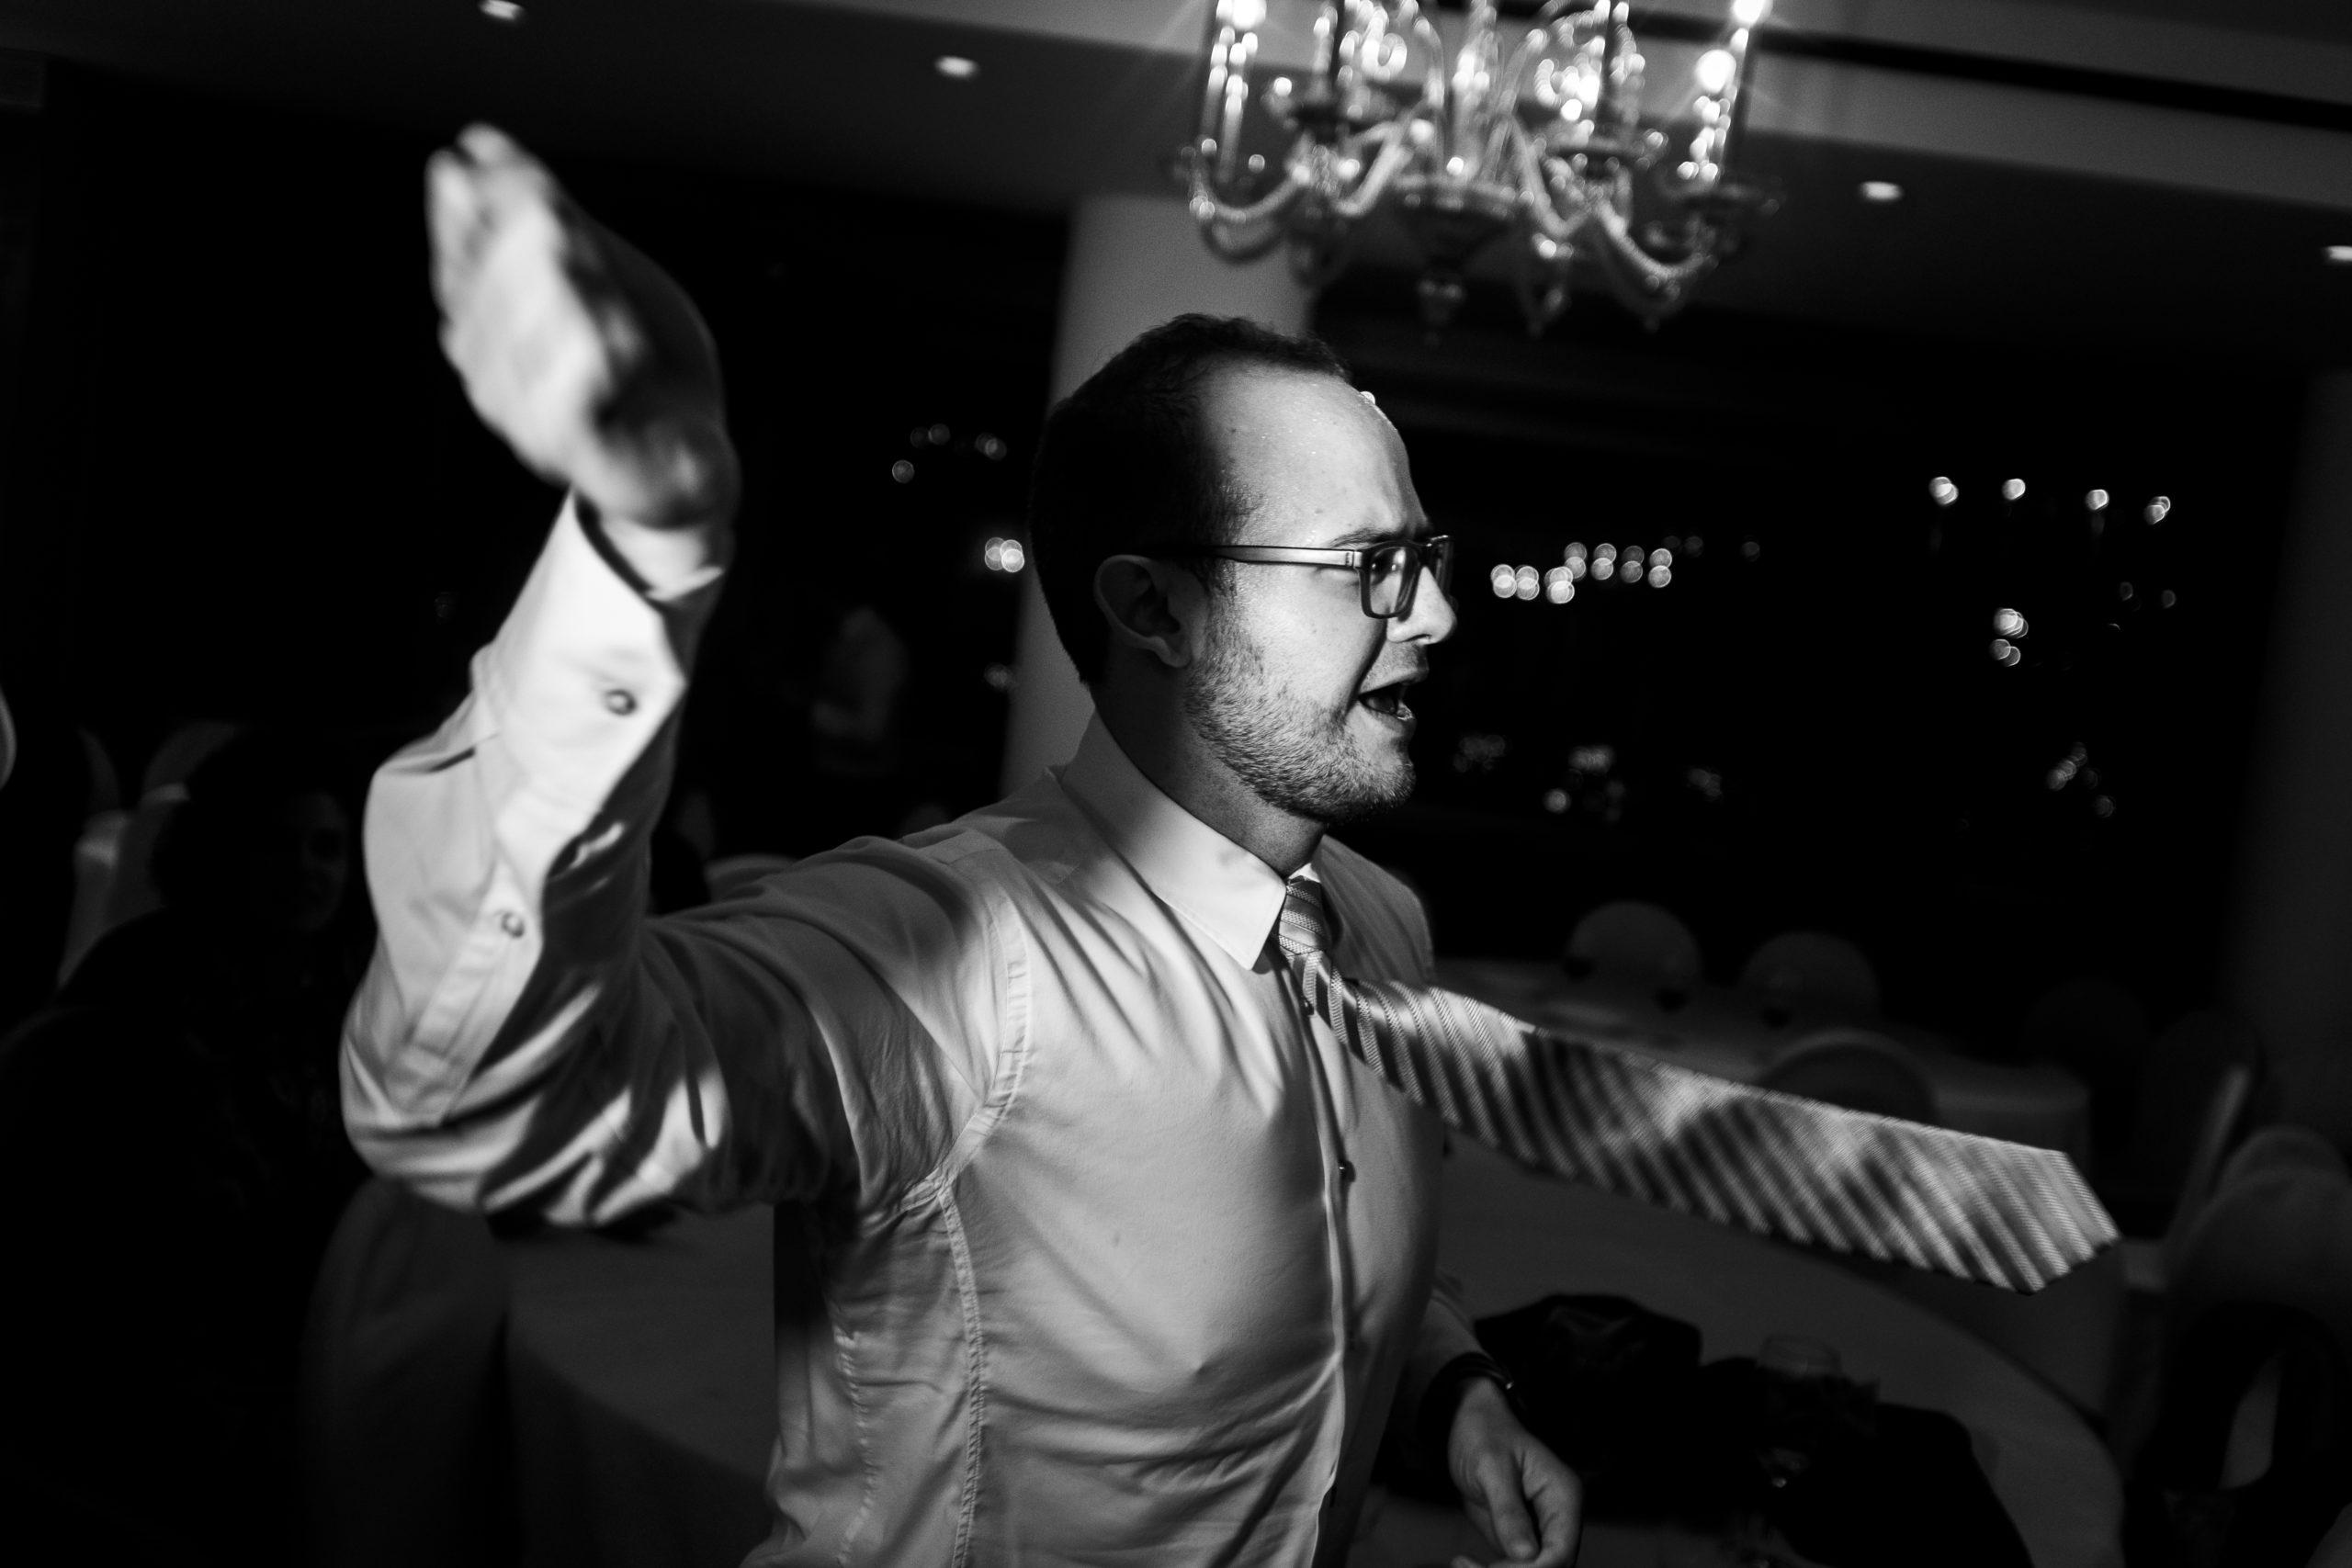 Fotografo Matrimonio Reportage - Gabriele Capelli